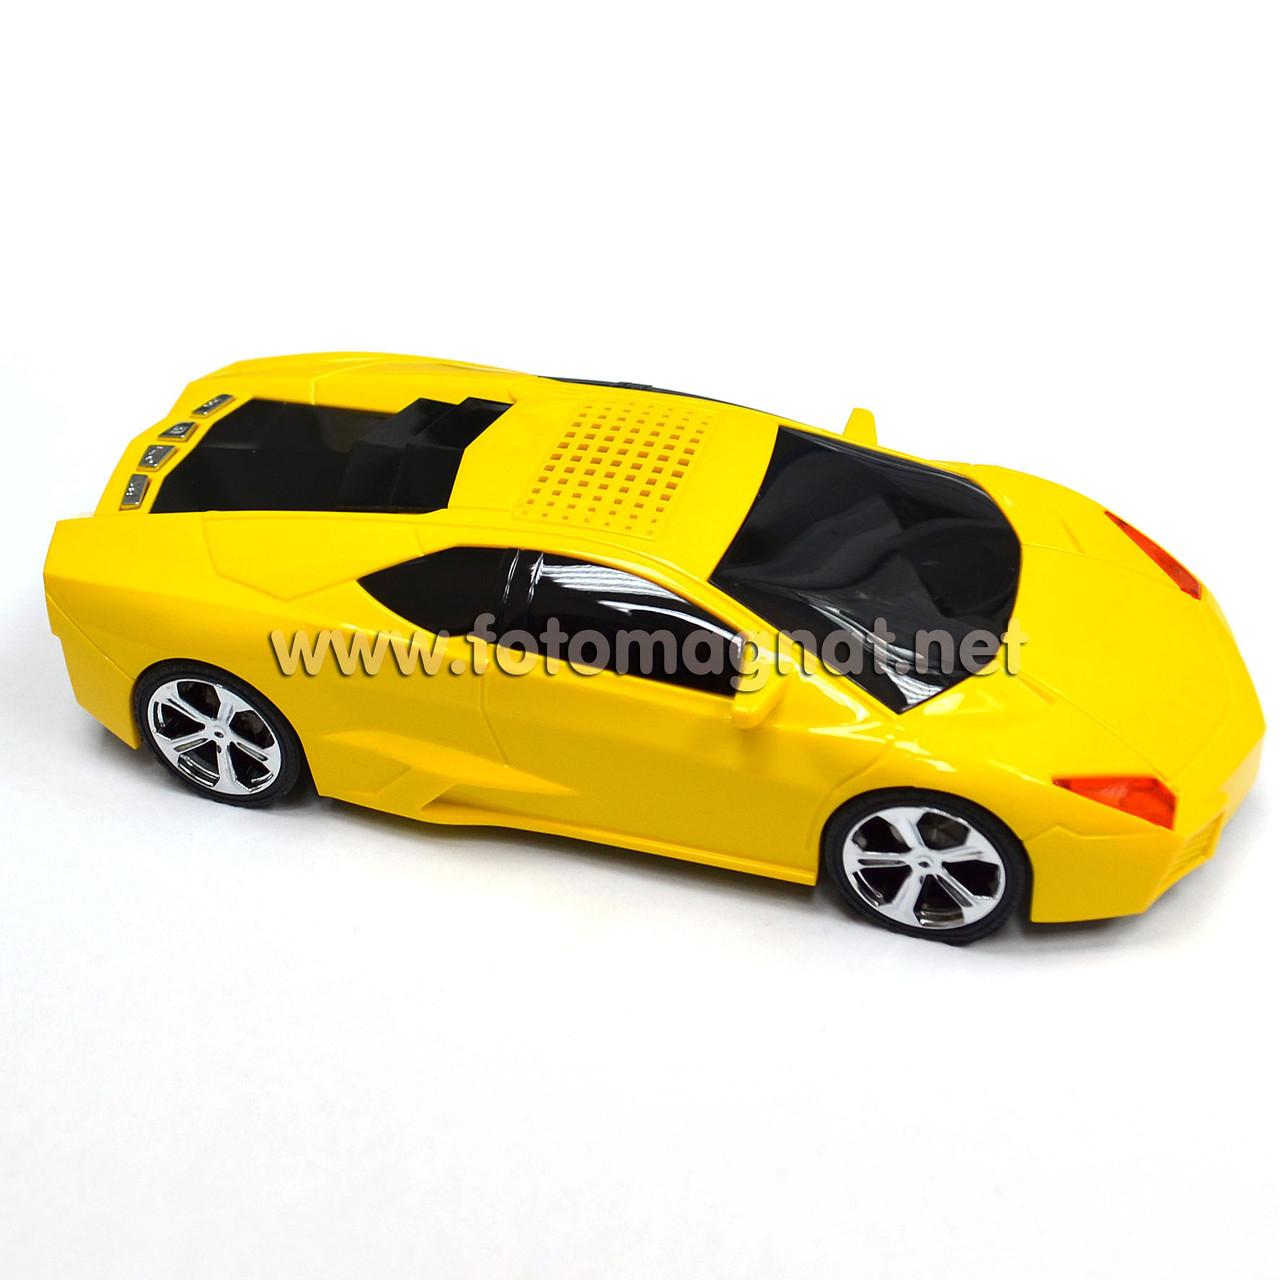 Портативная mp3 колонка жёлтая (портативная usb колонка) 5081 Lamborgini